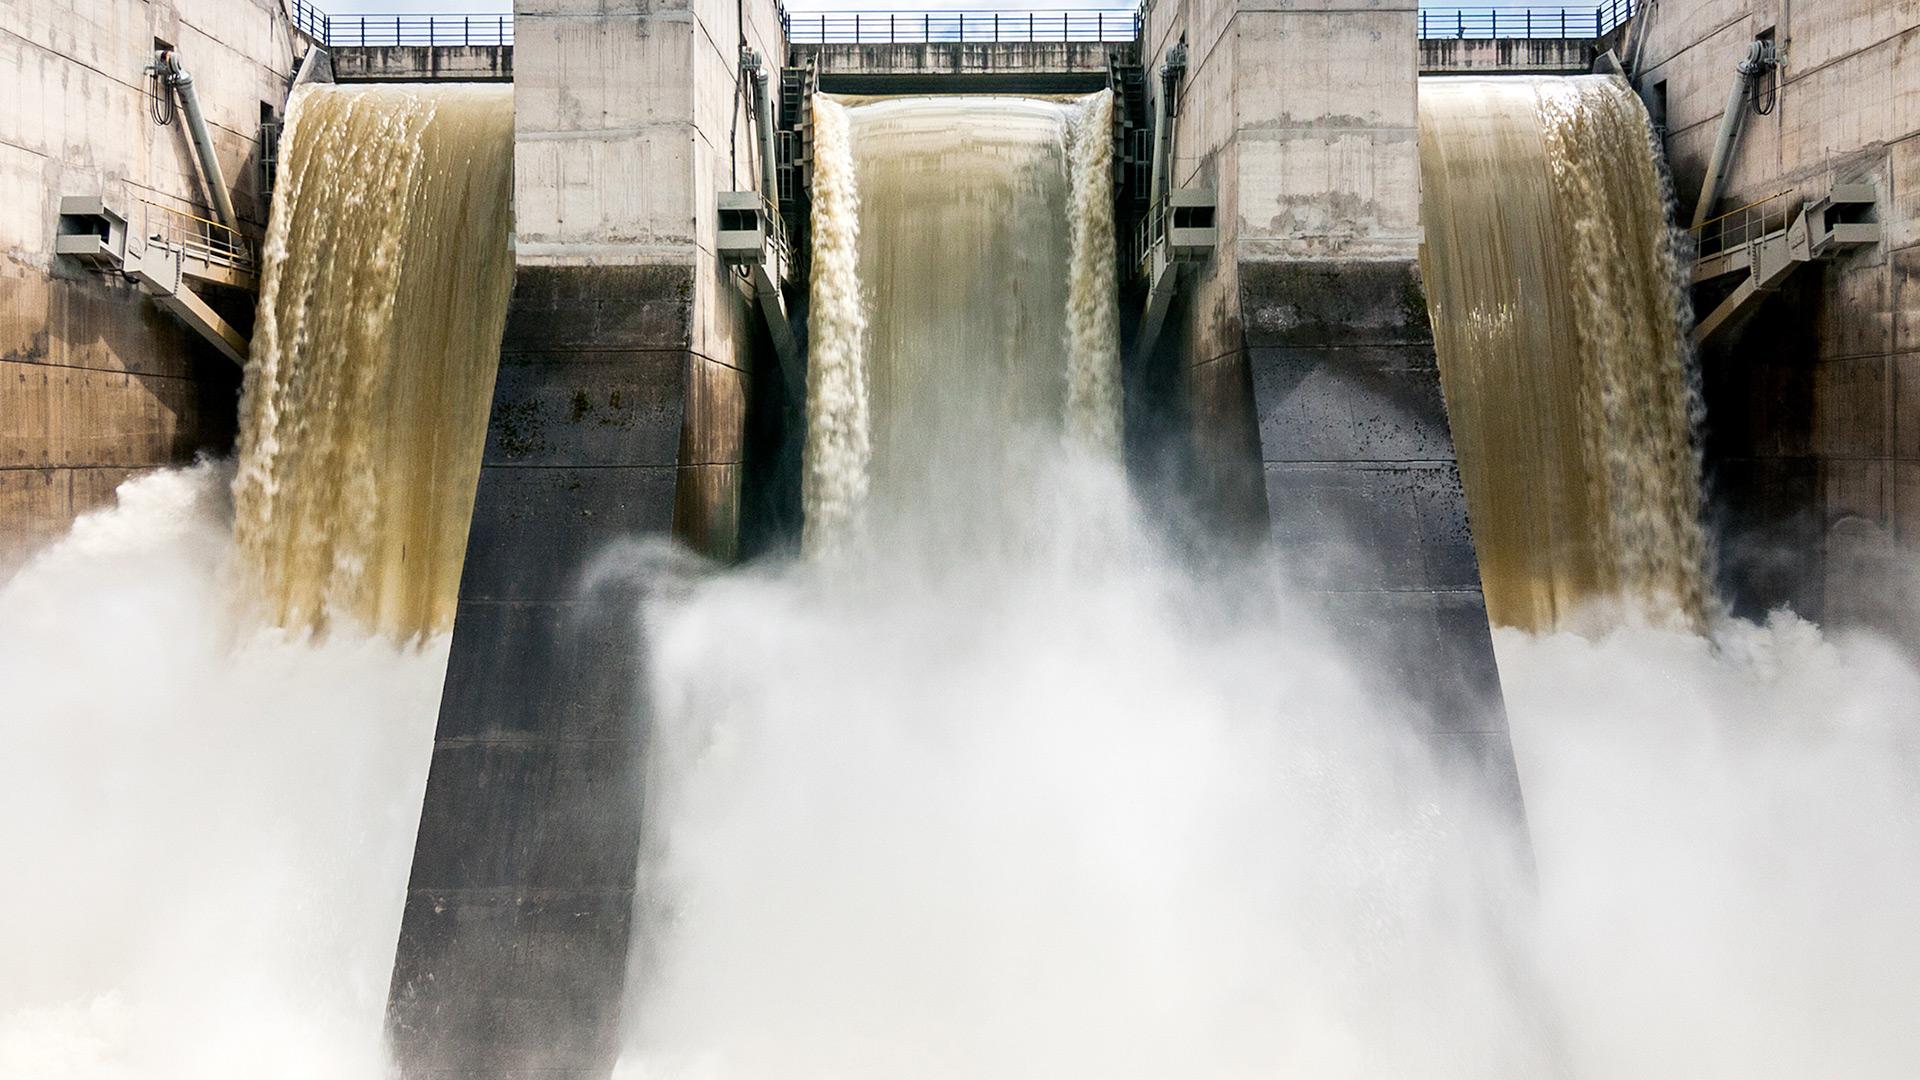 Évacuation des eaux d'un barrage hydroélectrique